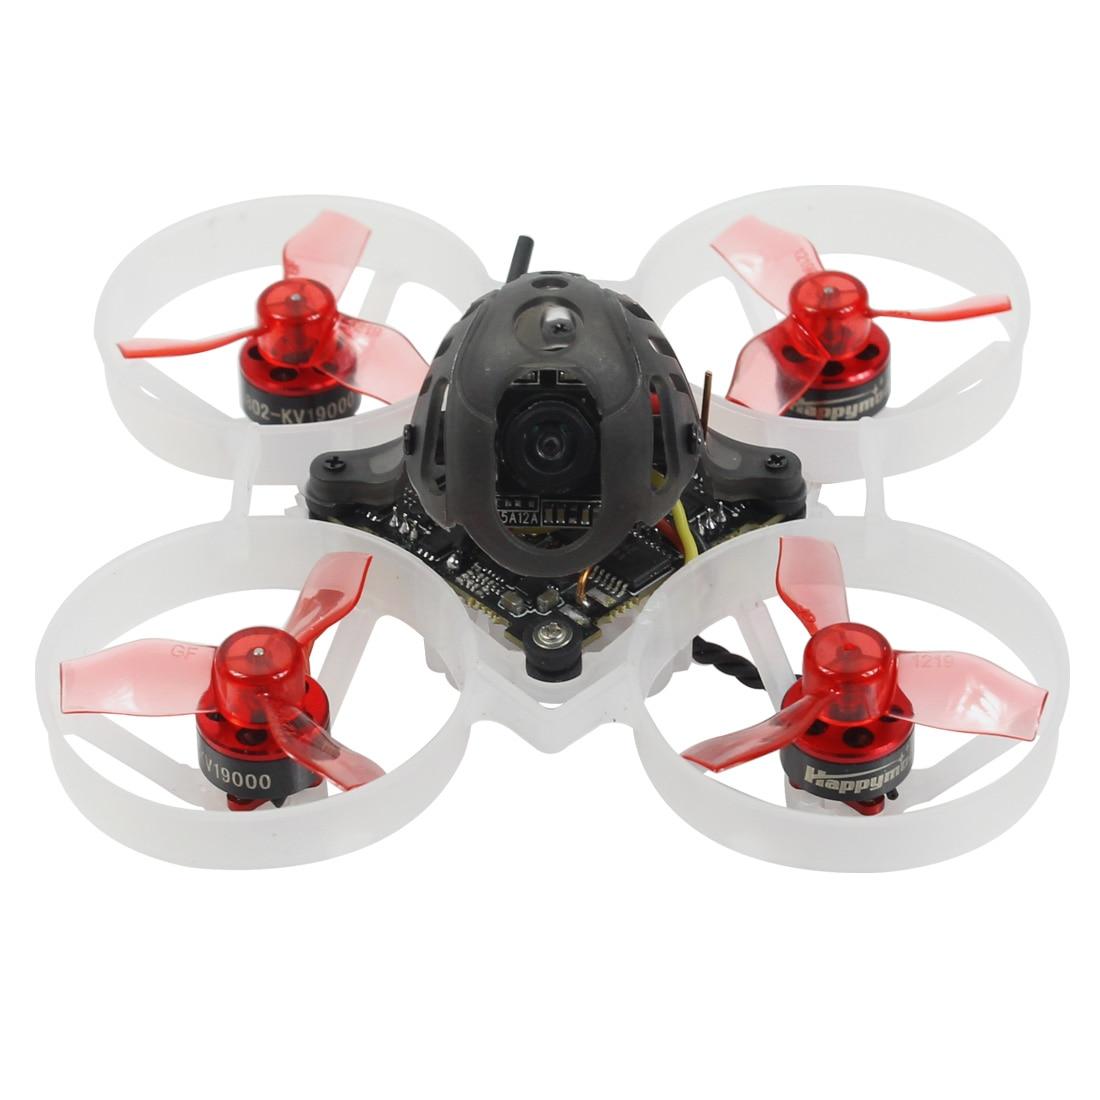 Happymodel Mobula6 Mobula 6 1S 65 мм бесщеточный FPV гоночный Дрон с AIO 4IN1 Crazybee F4 Lite управление полетом